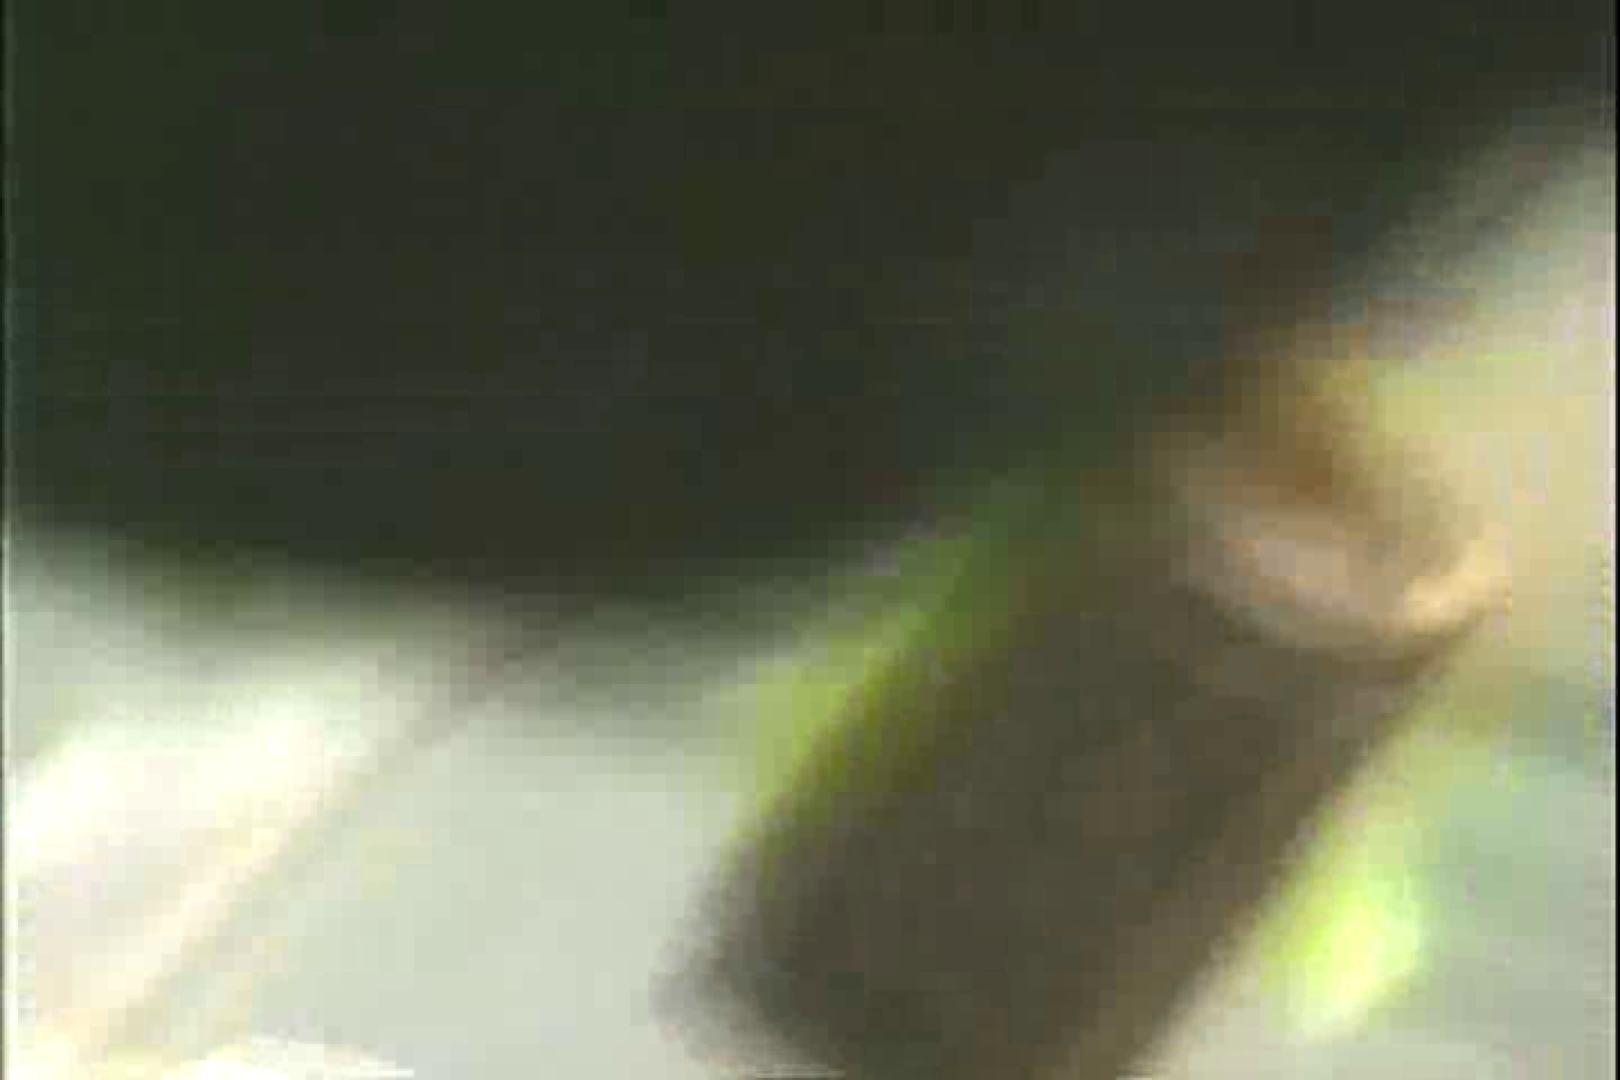 「ちくりん」さんのオリジナル未編集パンチラVol.3_02 盗撮師作品 | 新入生パンチラ  81pic 25